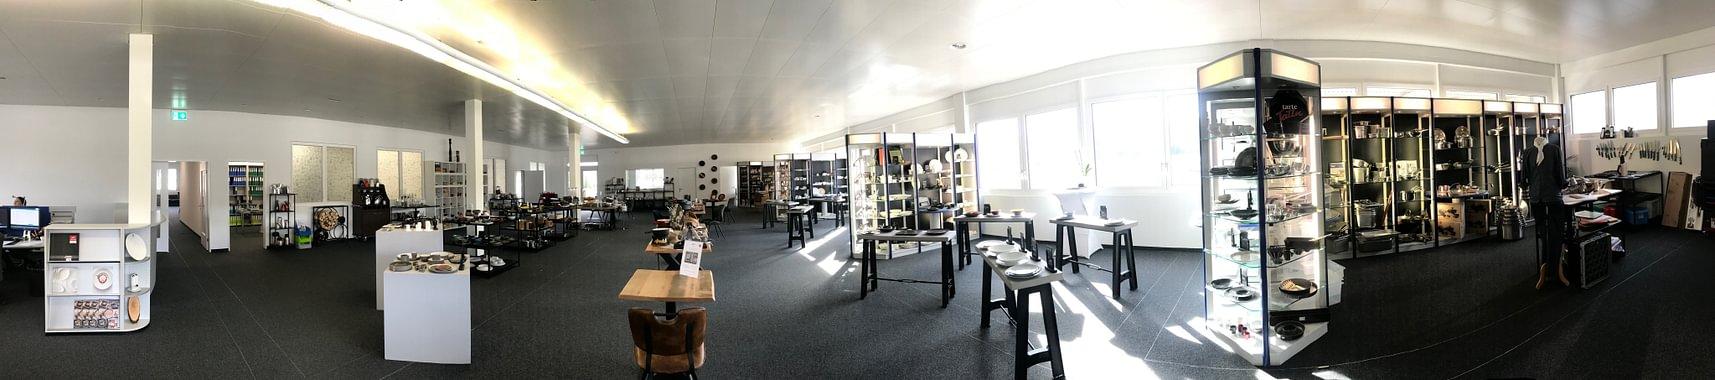 Showroom Ecotel Suisse SA